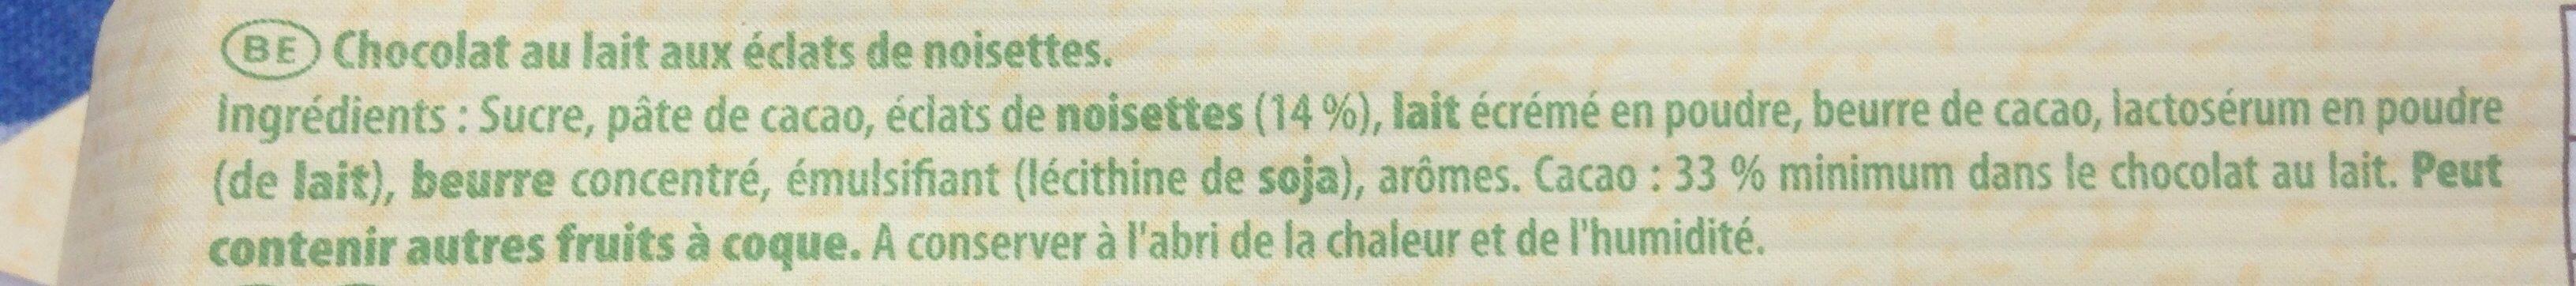 Lait noisettes - Ingredients